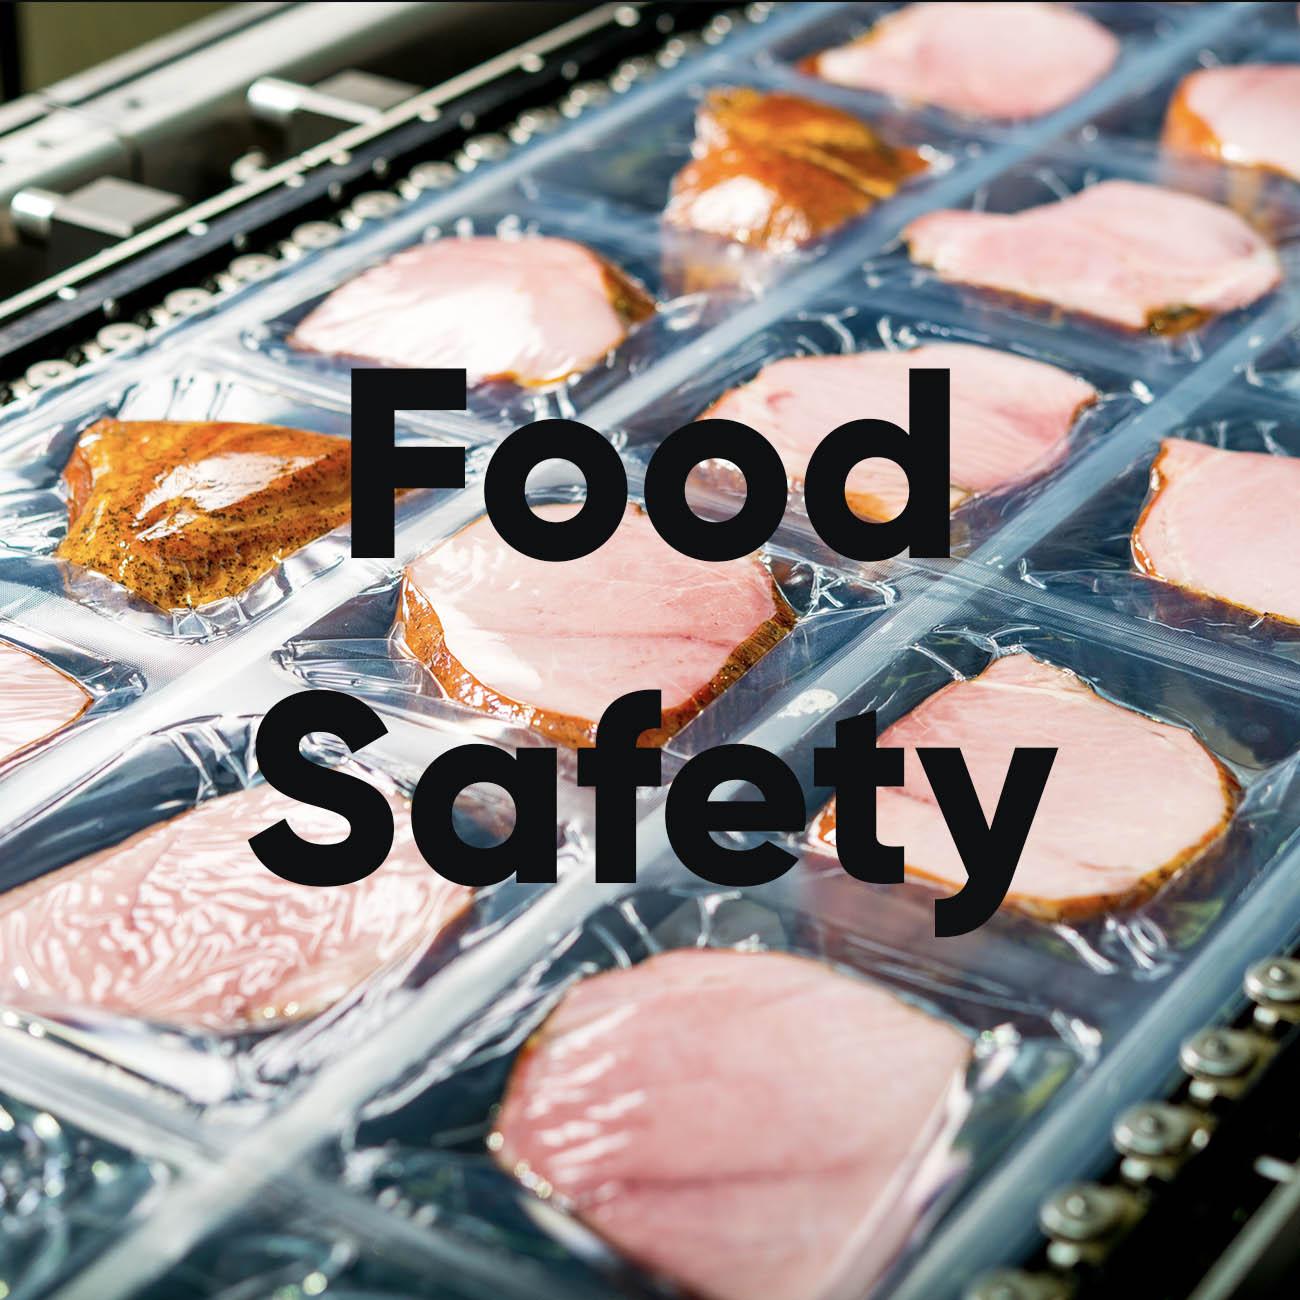 Food Safety Baner